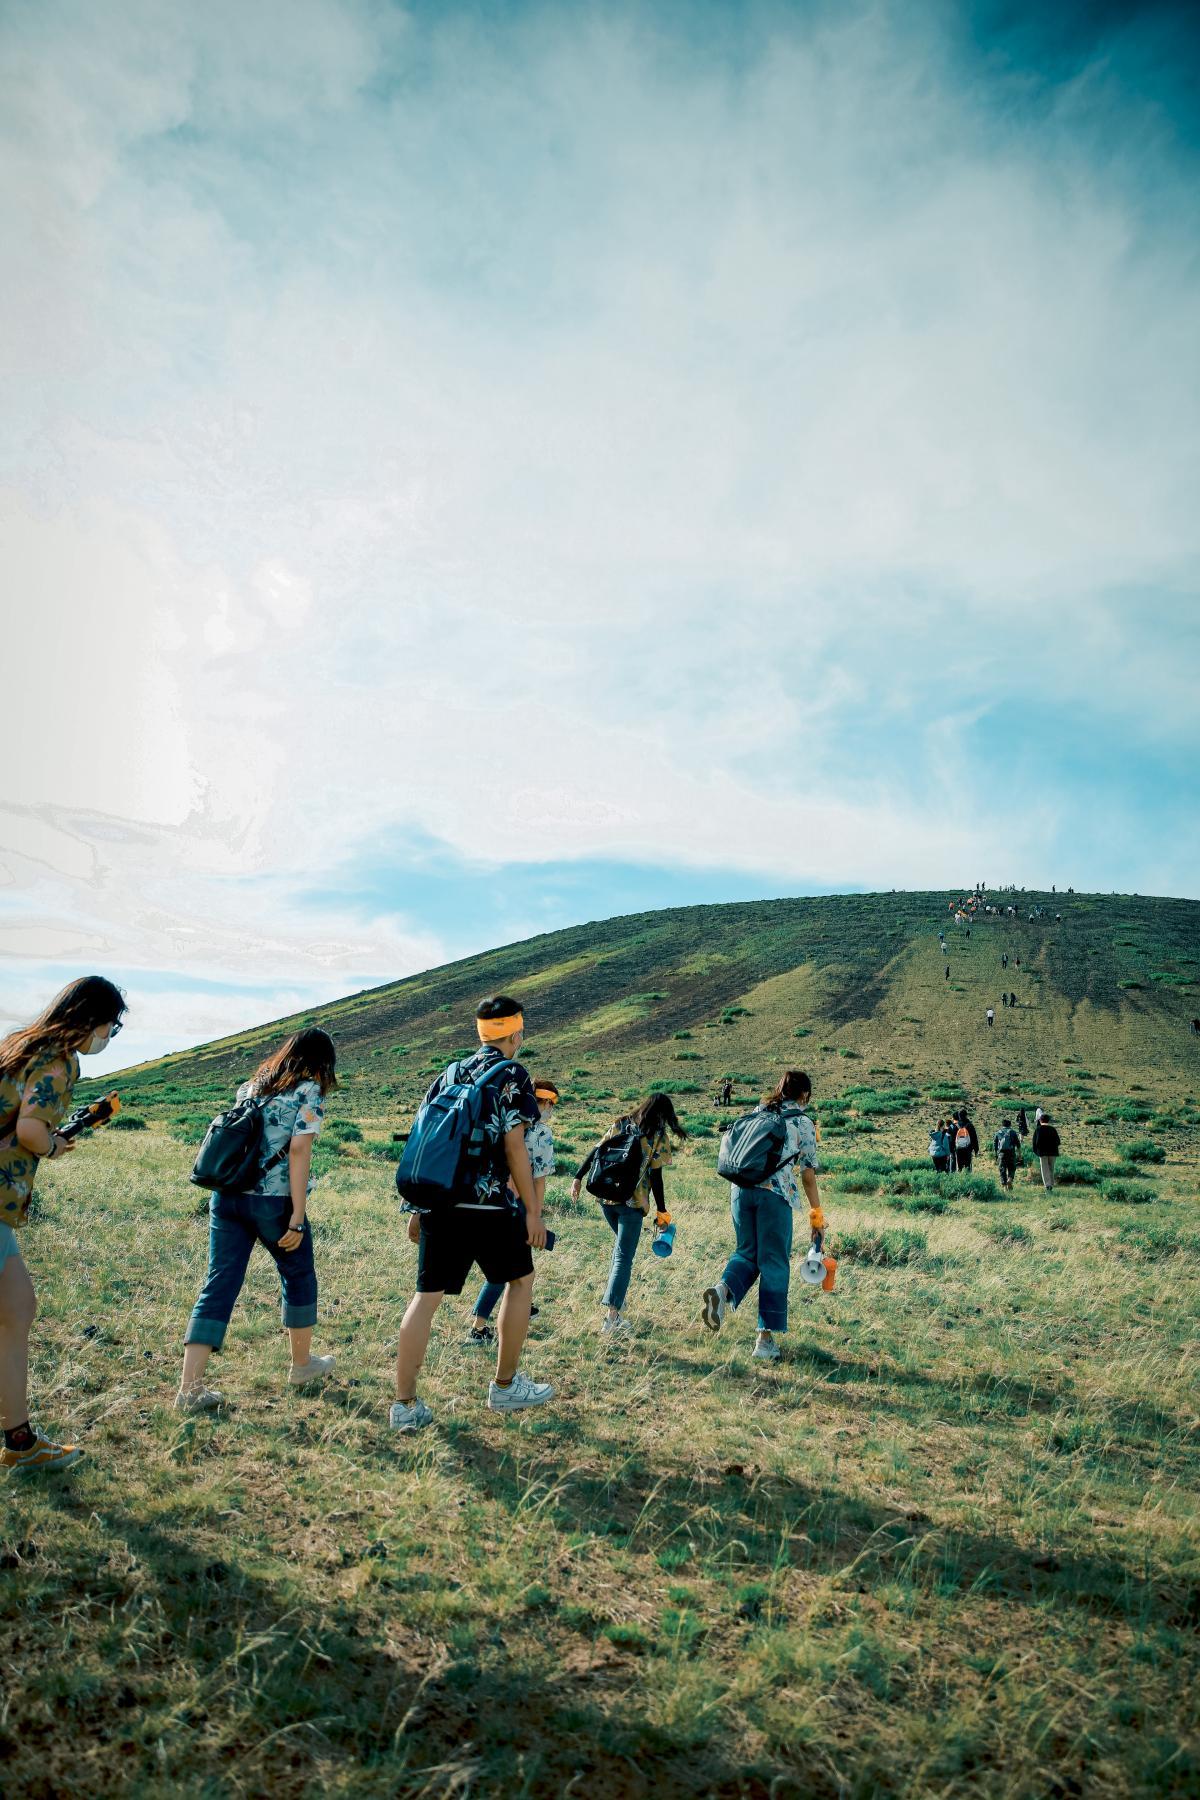 People Walking on Green Grass Field